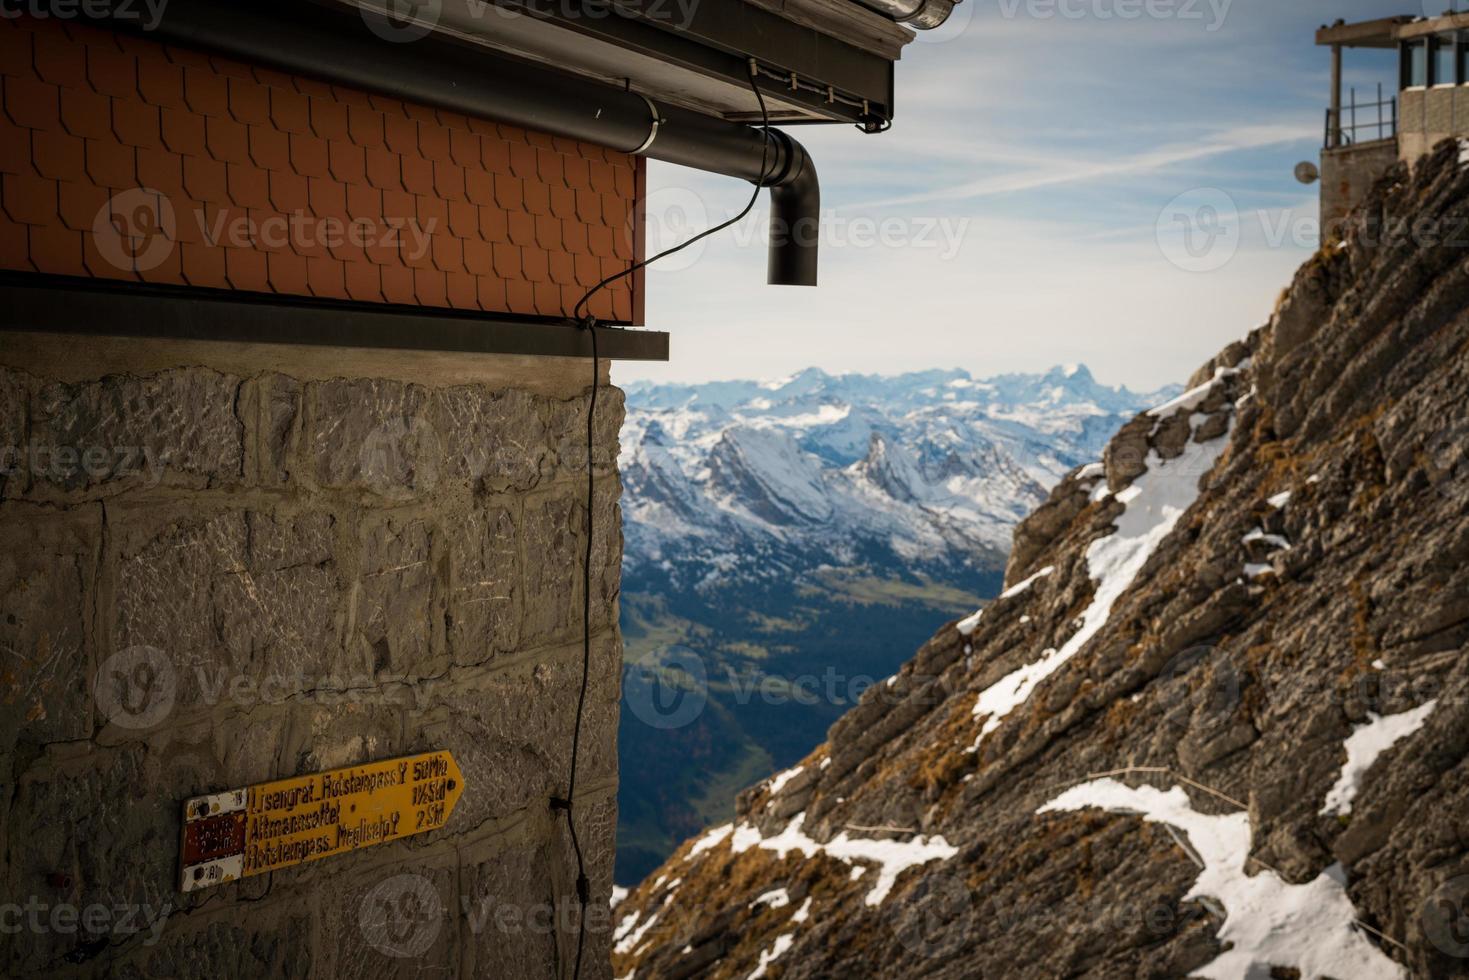 cartel en la montaña säntis foto